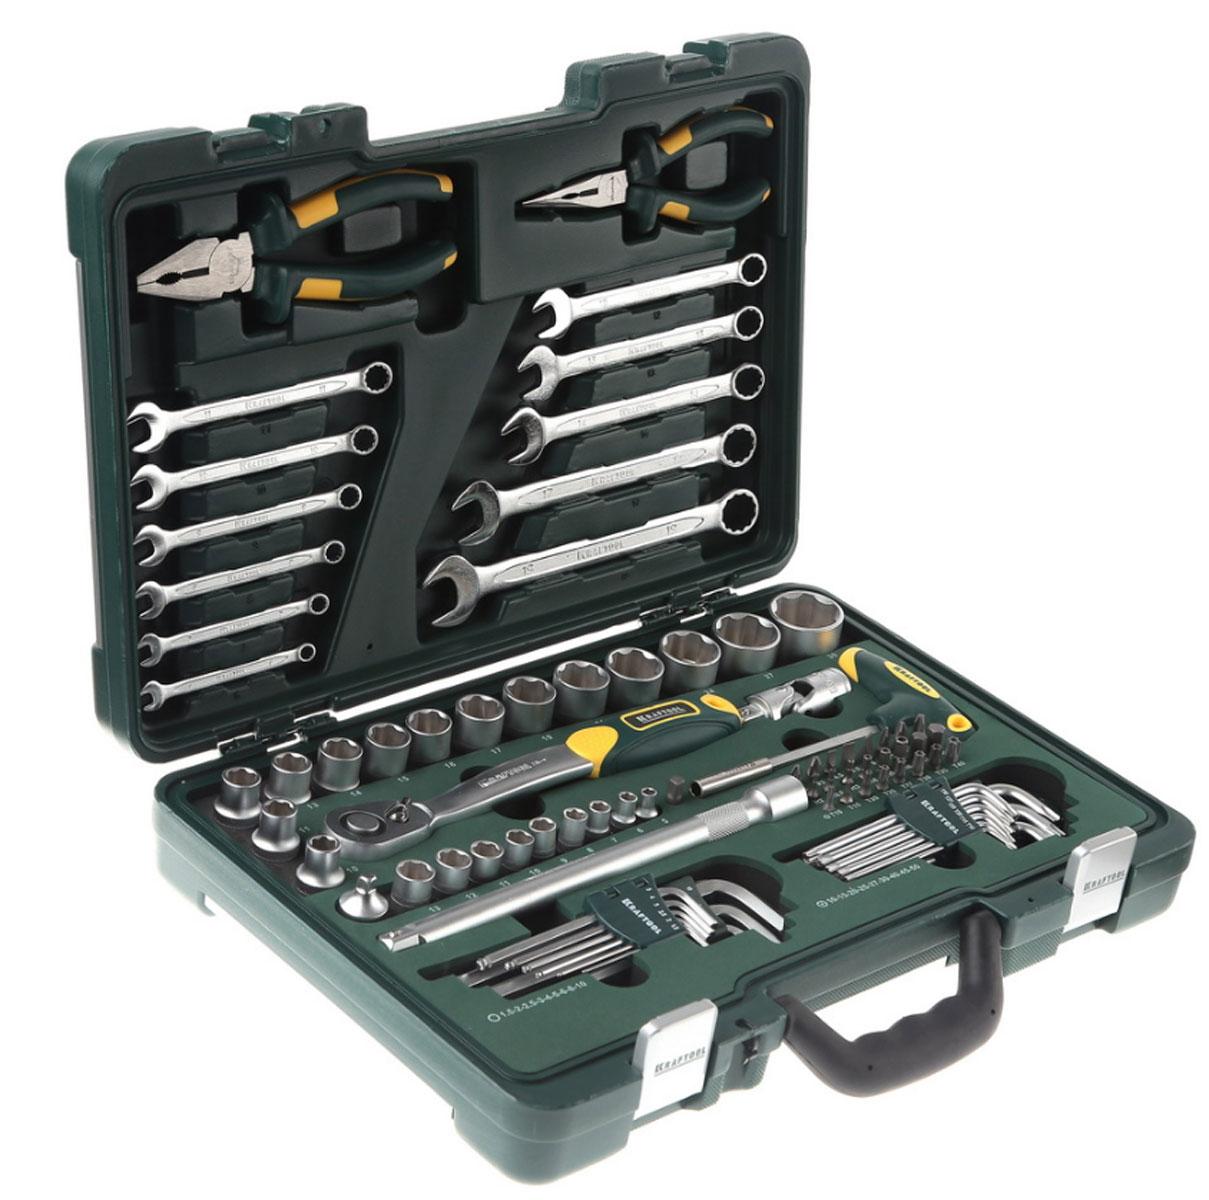 Набор слесарно-монтажных инструментов Kraftool Industry, 84 предмета27977-H84Набор слесарно-монтажных инструментов Kraftool Industry состоит из разнообразных инструментов, необходимых при выполнении профессиональных слесарных и монтажных работ, а также домашнего ремонта. Этот профессиональный набор разработан в соответствии с самыми высокими требованиями и предназначен для индустриального применения. Выдерживает интенсивные нагрузки, имеет большой ресурс и обеспечивает превосходное качество выполнения работ. Инструменты в наборе изготовлены из высококачественной закаленной хромованадиевой стали. Хромированное покрытие защищает от коррозии и увеличивает срок службы. Набор снабжен профилем SUPER-LOCK для переноса пятен контактов с углов граней крепежа к их центру.Инструменты имеют очень удобные рукоятки, благодаря чему обеспечивается комфортная работа. Инструменты размещены в двух отделениях кейса, створки которого складываются и закрываются специальными защелками.Набор слесарного инструмента включает:- торцовые головки FLANK 1/4 9 шт - 5, 6, 7, 8, 9, 10, 11, 12, 13 мм;- битодержатель с Т-образной ручкой;- адаптер - H1/4 x SQ1/4; - биты 1/4 25 мм 24 шт - PH1, 2, 3;- PZ2, 3; SL4.5, 6.5, 8; H2, 2.5, 3, 4, 5, 7, 8; T10, 15, 20, 25, 27, 30, 35, 40;- торцовые головки SUPER-LOCK 1/2 14 шт - 10, 11, 12, 13, 14, 15, 16, 17, 19, 21, 22, 24, 27, 30 мм;- шарнир карданный 1/2; - удлинитель для торцовых головок 1/2 - 250 мм;- адаптер - 1/4M х SQ1/2F;- трещотка, 72 зубца 1/2; - тонкогубцы, 150 мм;- плоскогубцы комбинированные, 180 мм;- имбусовые ключи 9 шт - 1.5, 2, 2.5, 3, 4, 5, 6, 8, 10 мм;- имбусовые ключи 9 шт - 10, 15, 20, 25, 27, 30, 40, 45, 50 мм;- комбинированные ключи 11 шт - 6, 7, 8, 9, 10, 11, 12, 13, 14, 17, 19 мм.